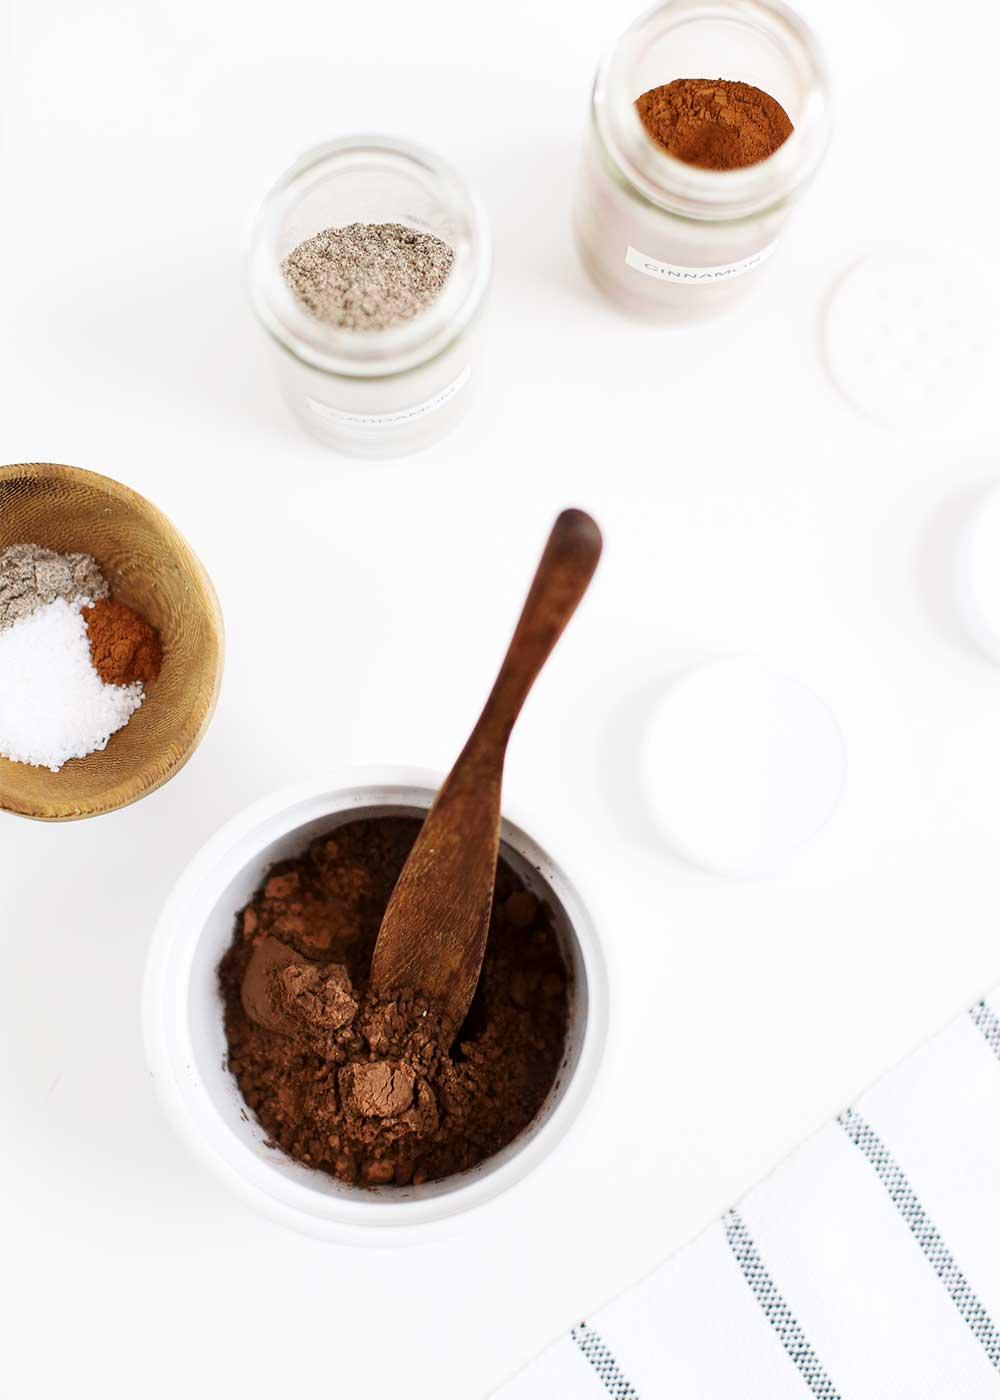 Cocoa Coconut Granola recipe from The Fauxmartha